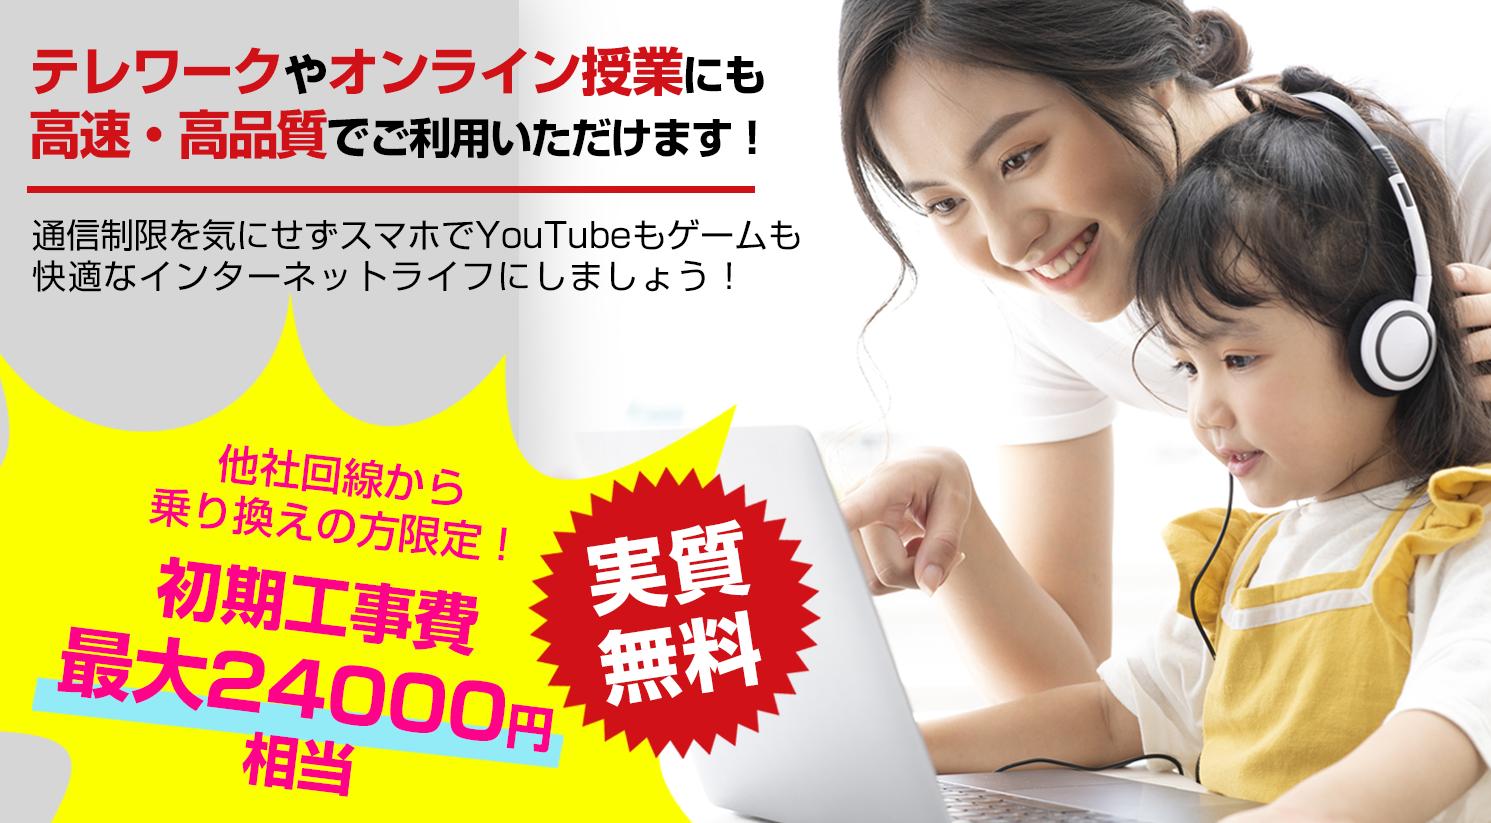 他社回線からの乗り換えで、初期工事費最大24,000円相当実質無料!